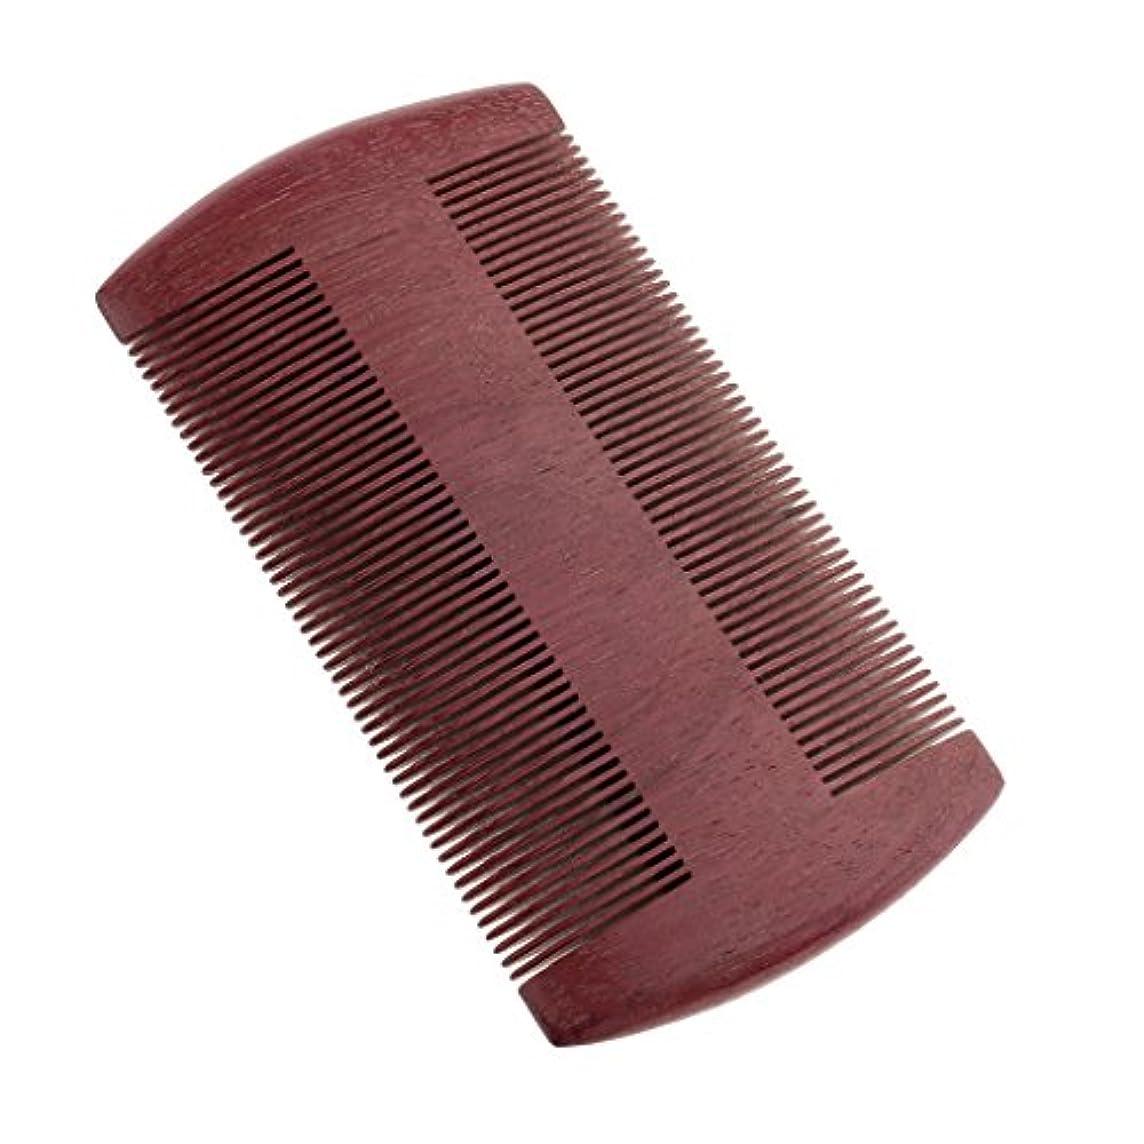 注ぎますさわやか音声ウッドコーム 木製 ダブル密度 歯 櫛 ひげ ブラシ